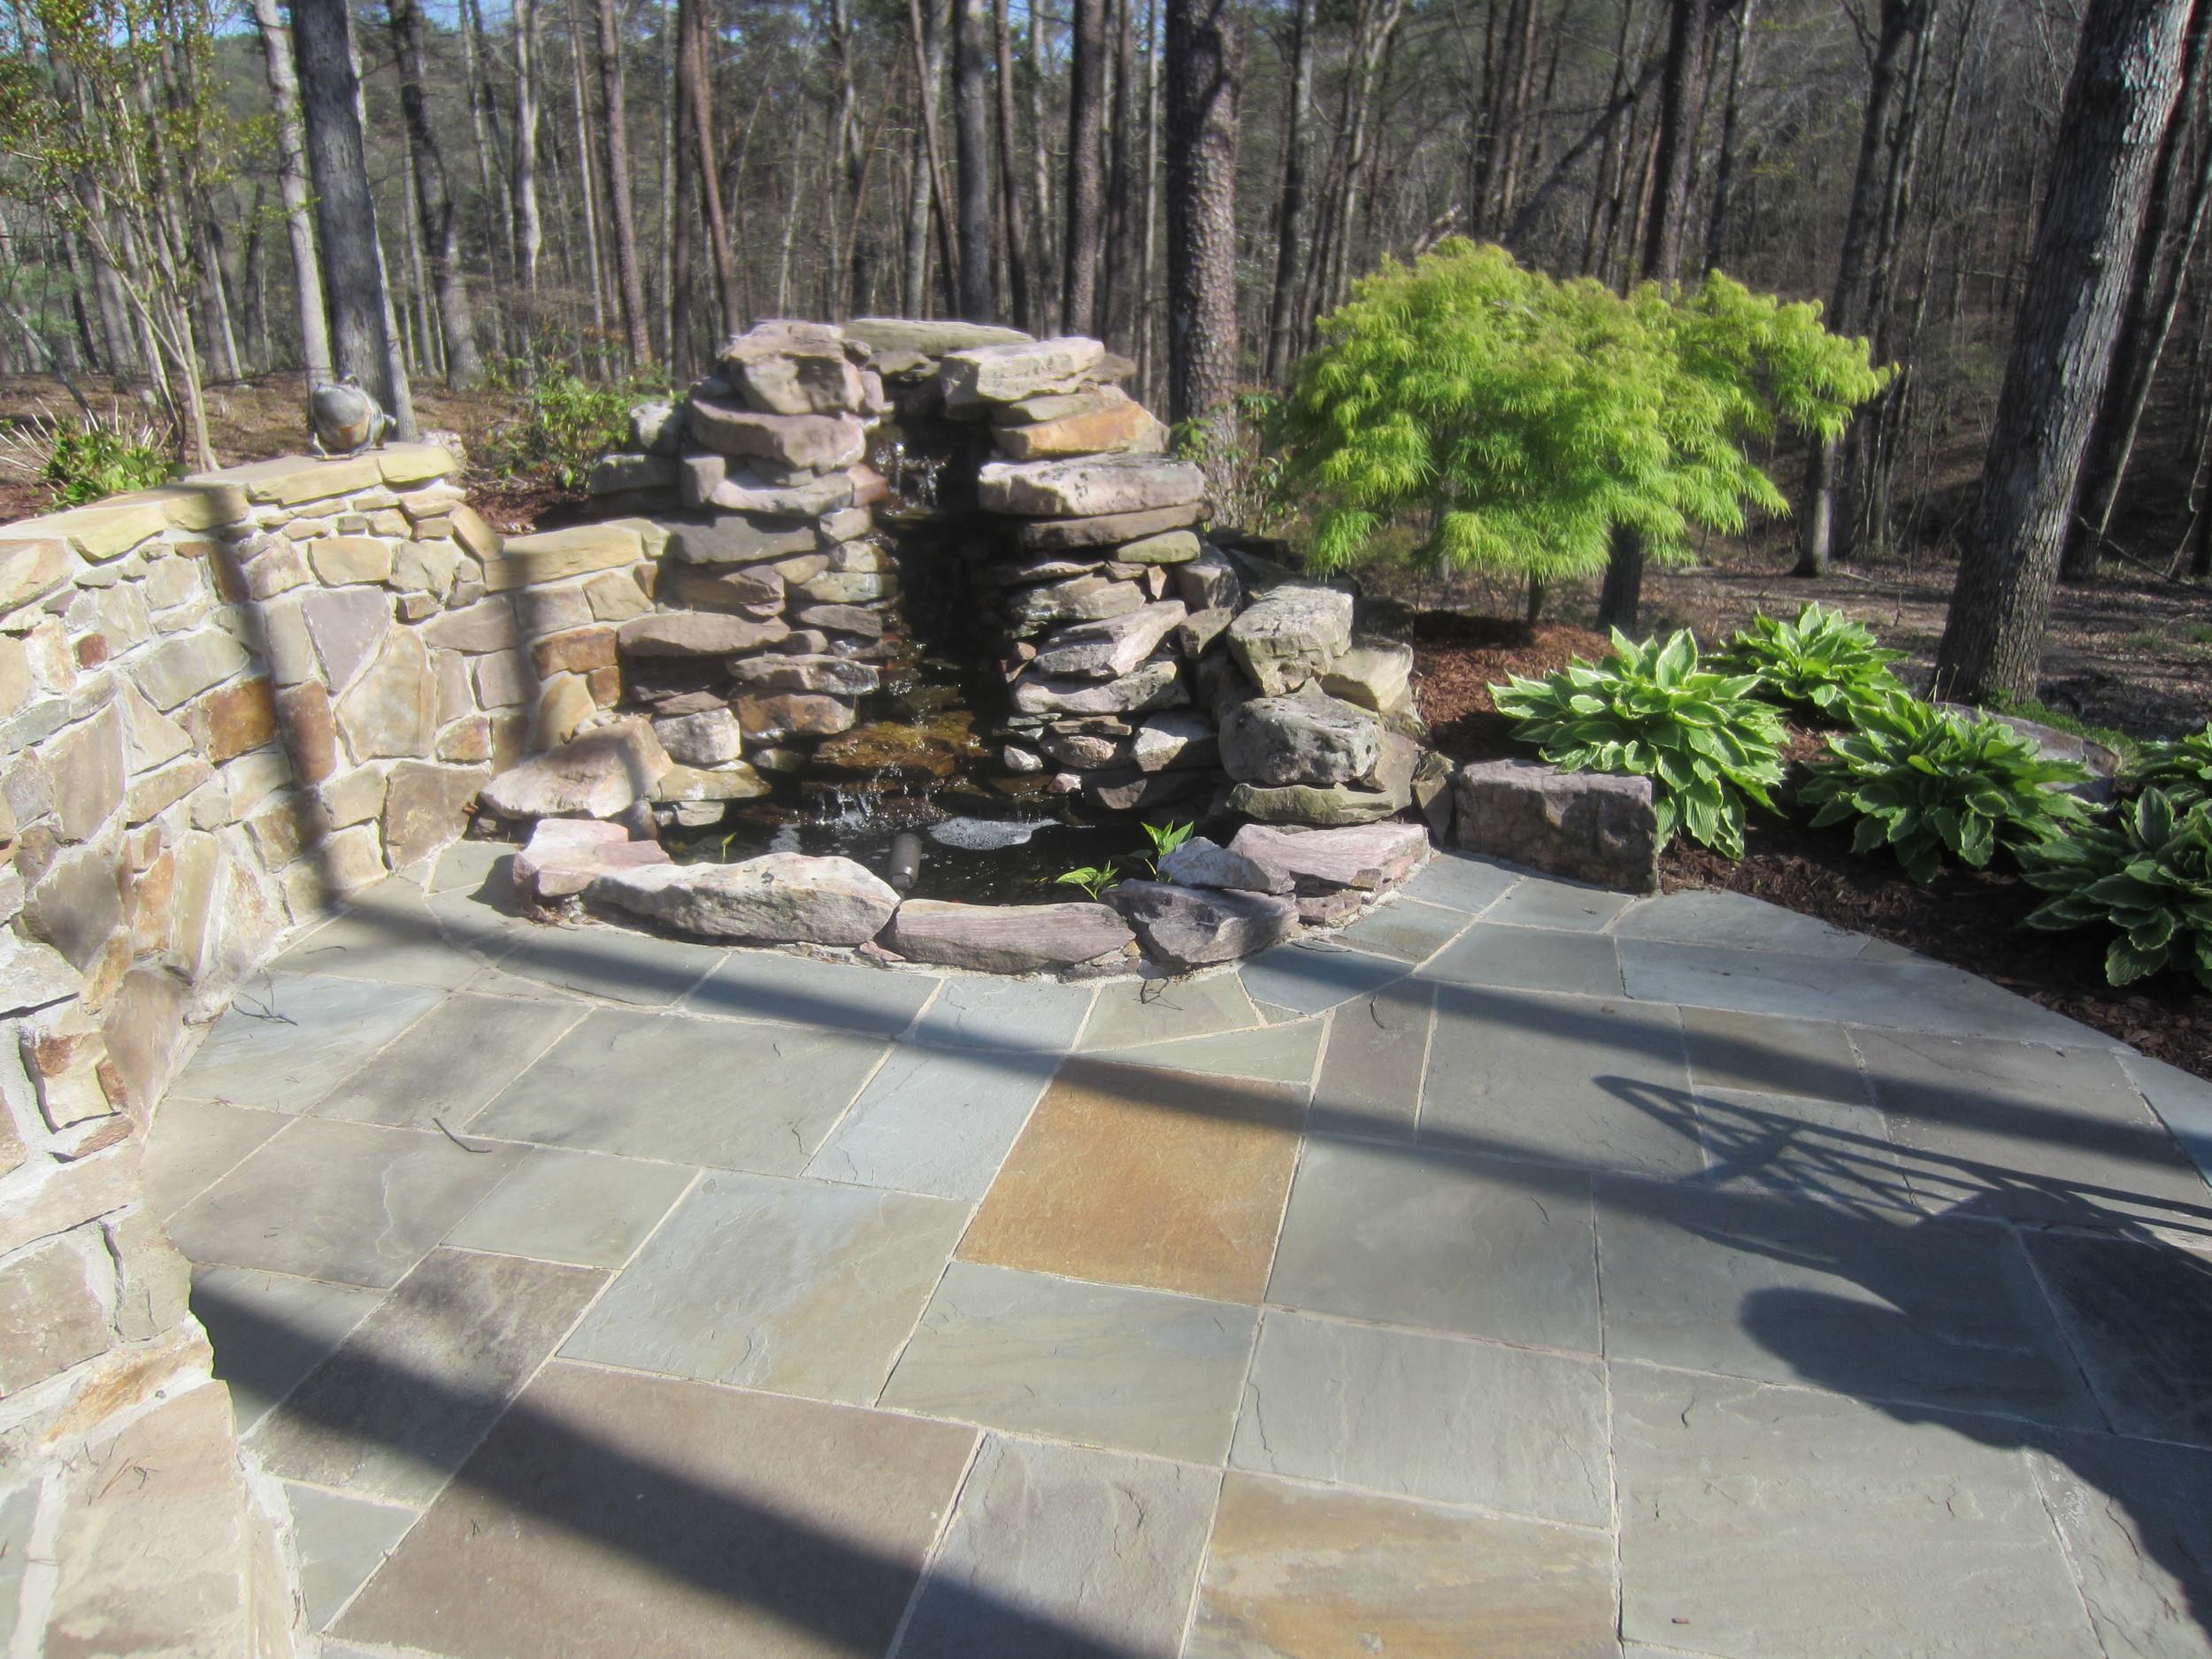 Water Garden Designs by Tharpe - Patios 004.JPG